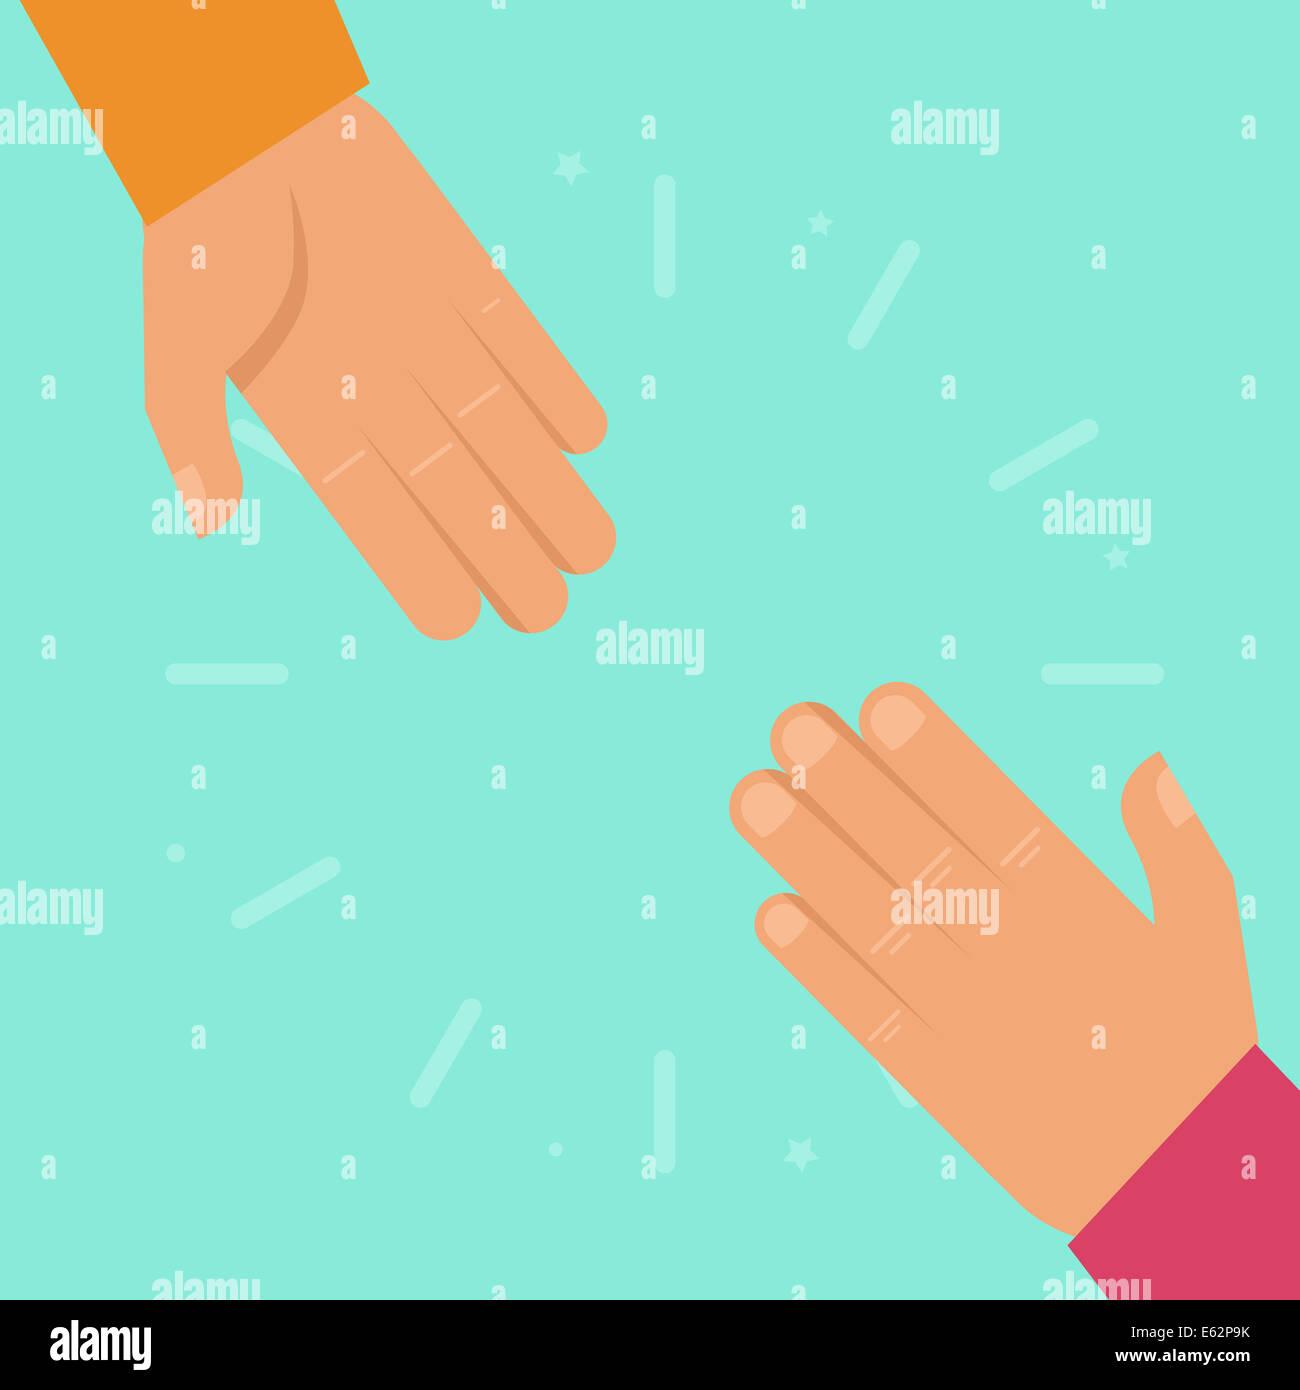 Aiutando le mani in uno stile piatto - la carità e la nozione di supporto Immagini Stock